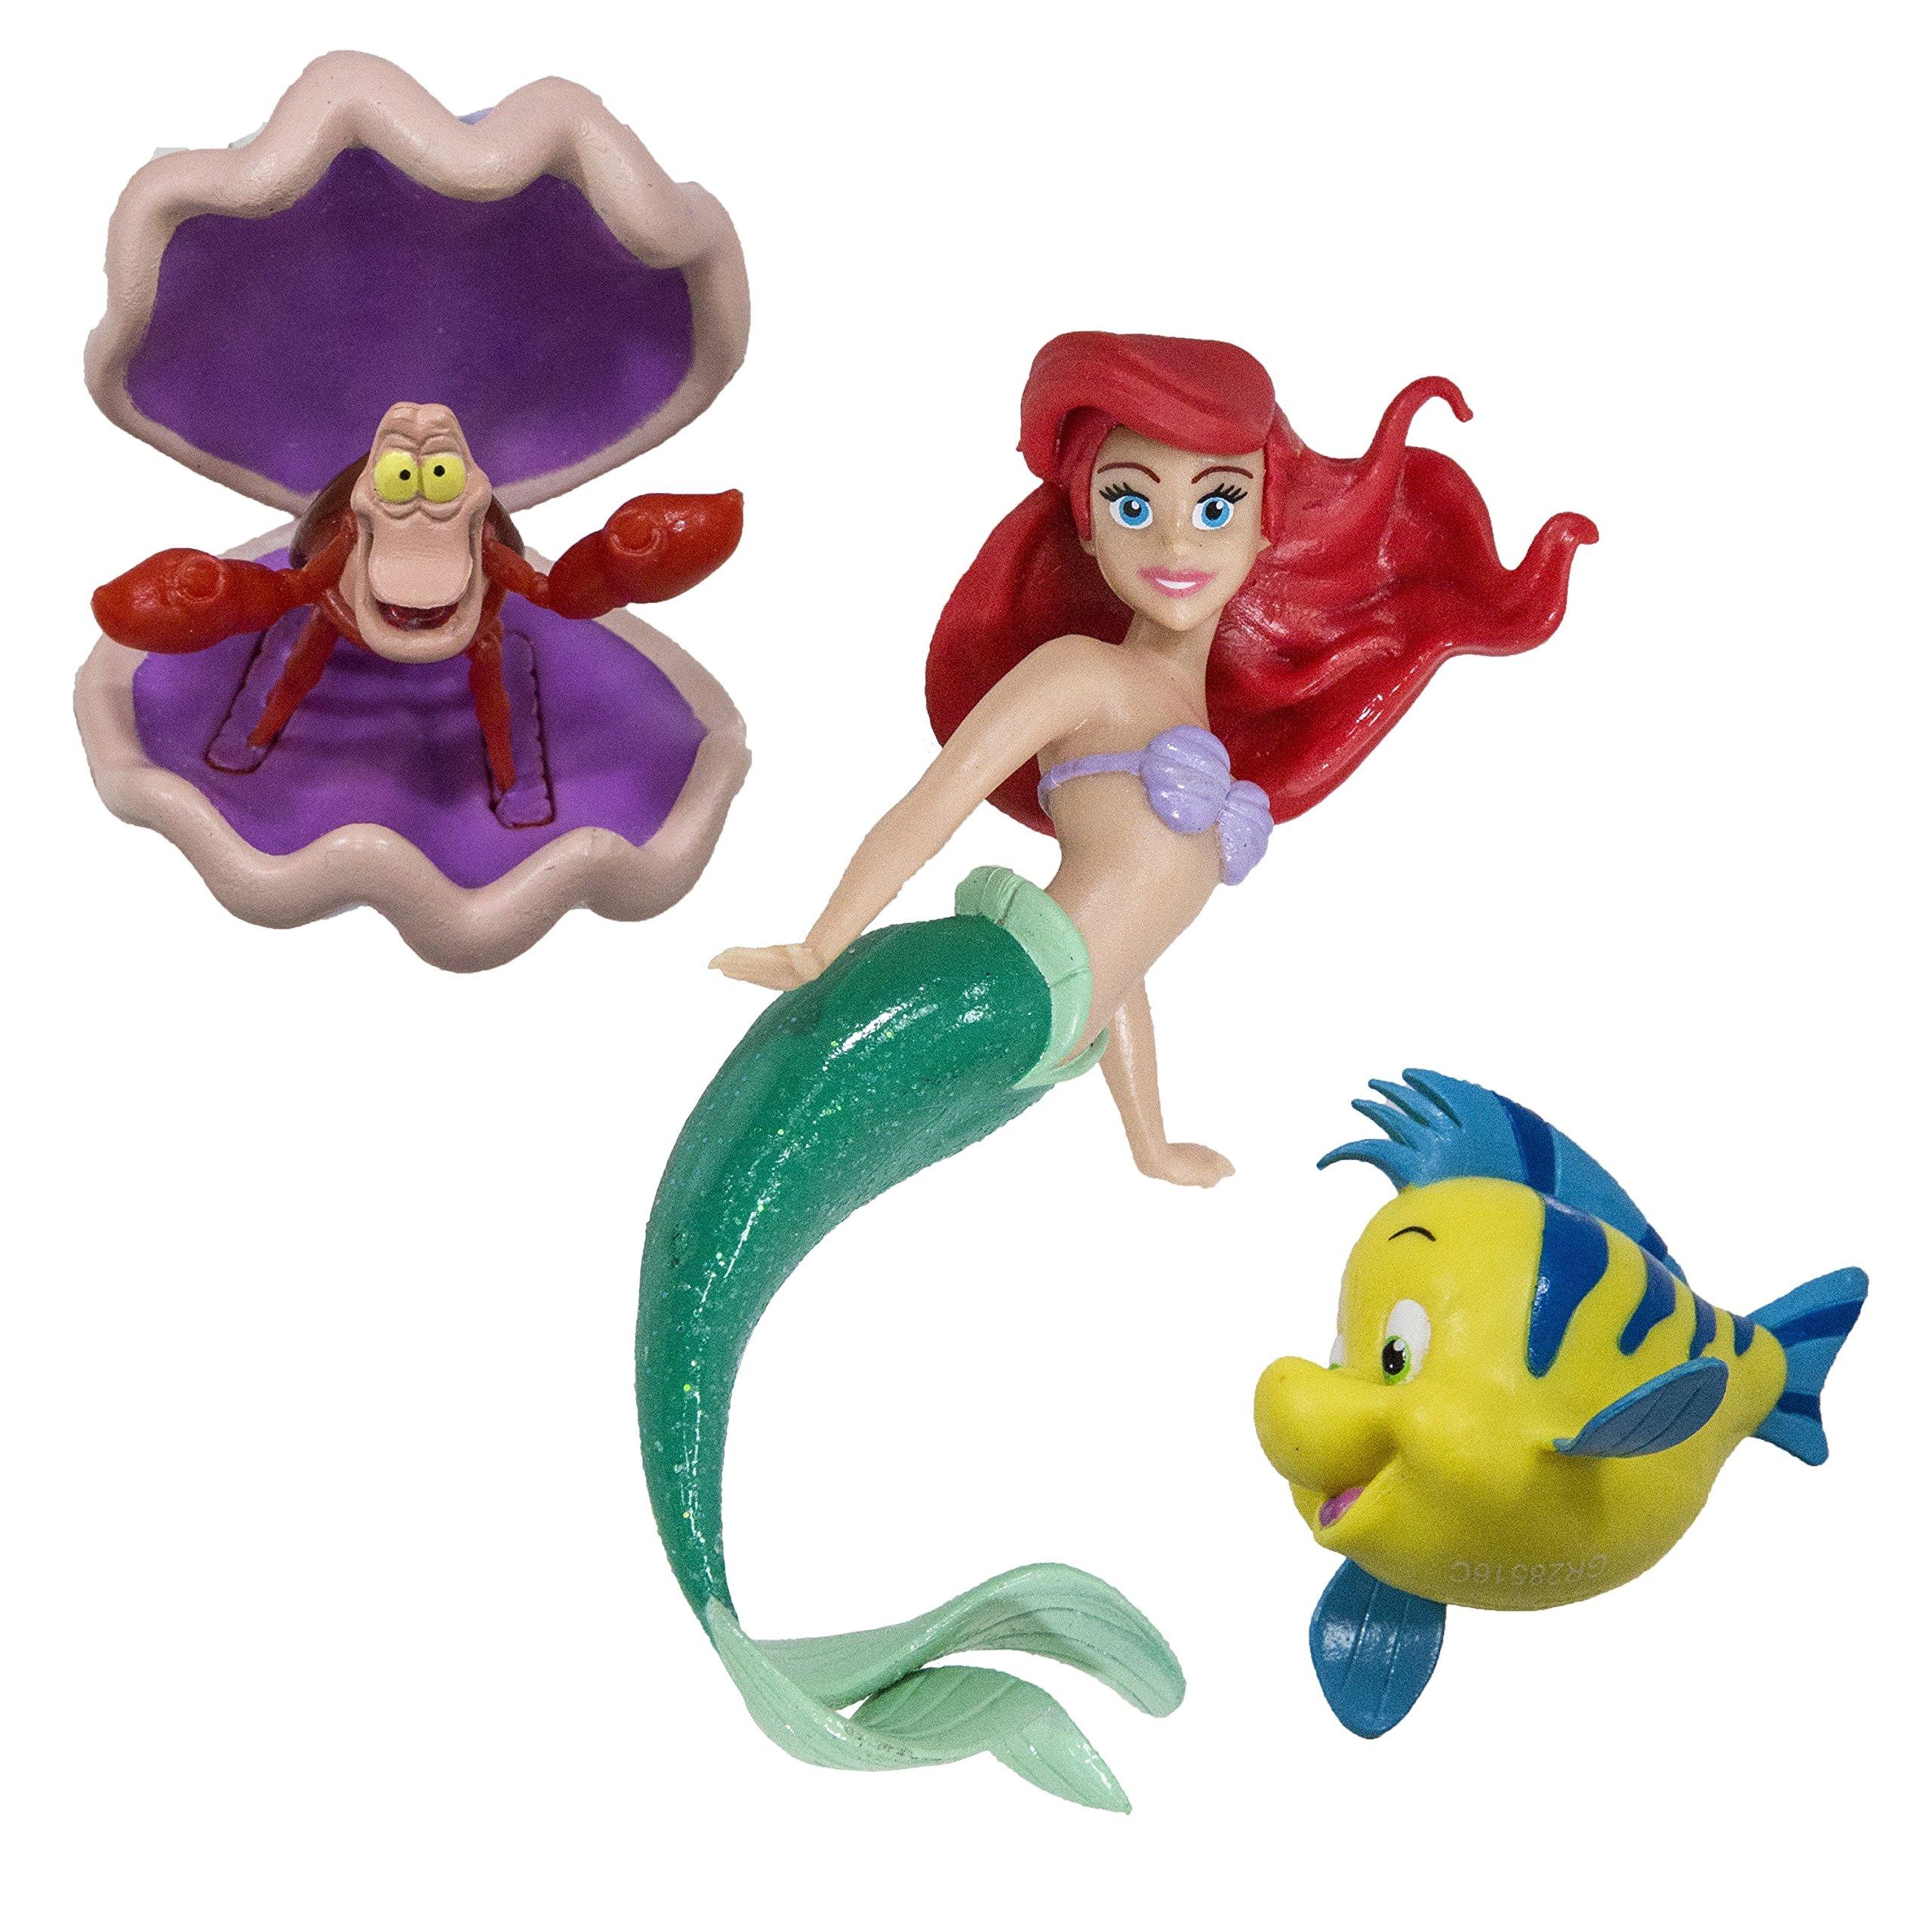 SwimWays Disney Princess Ariel Dive Characters